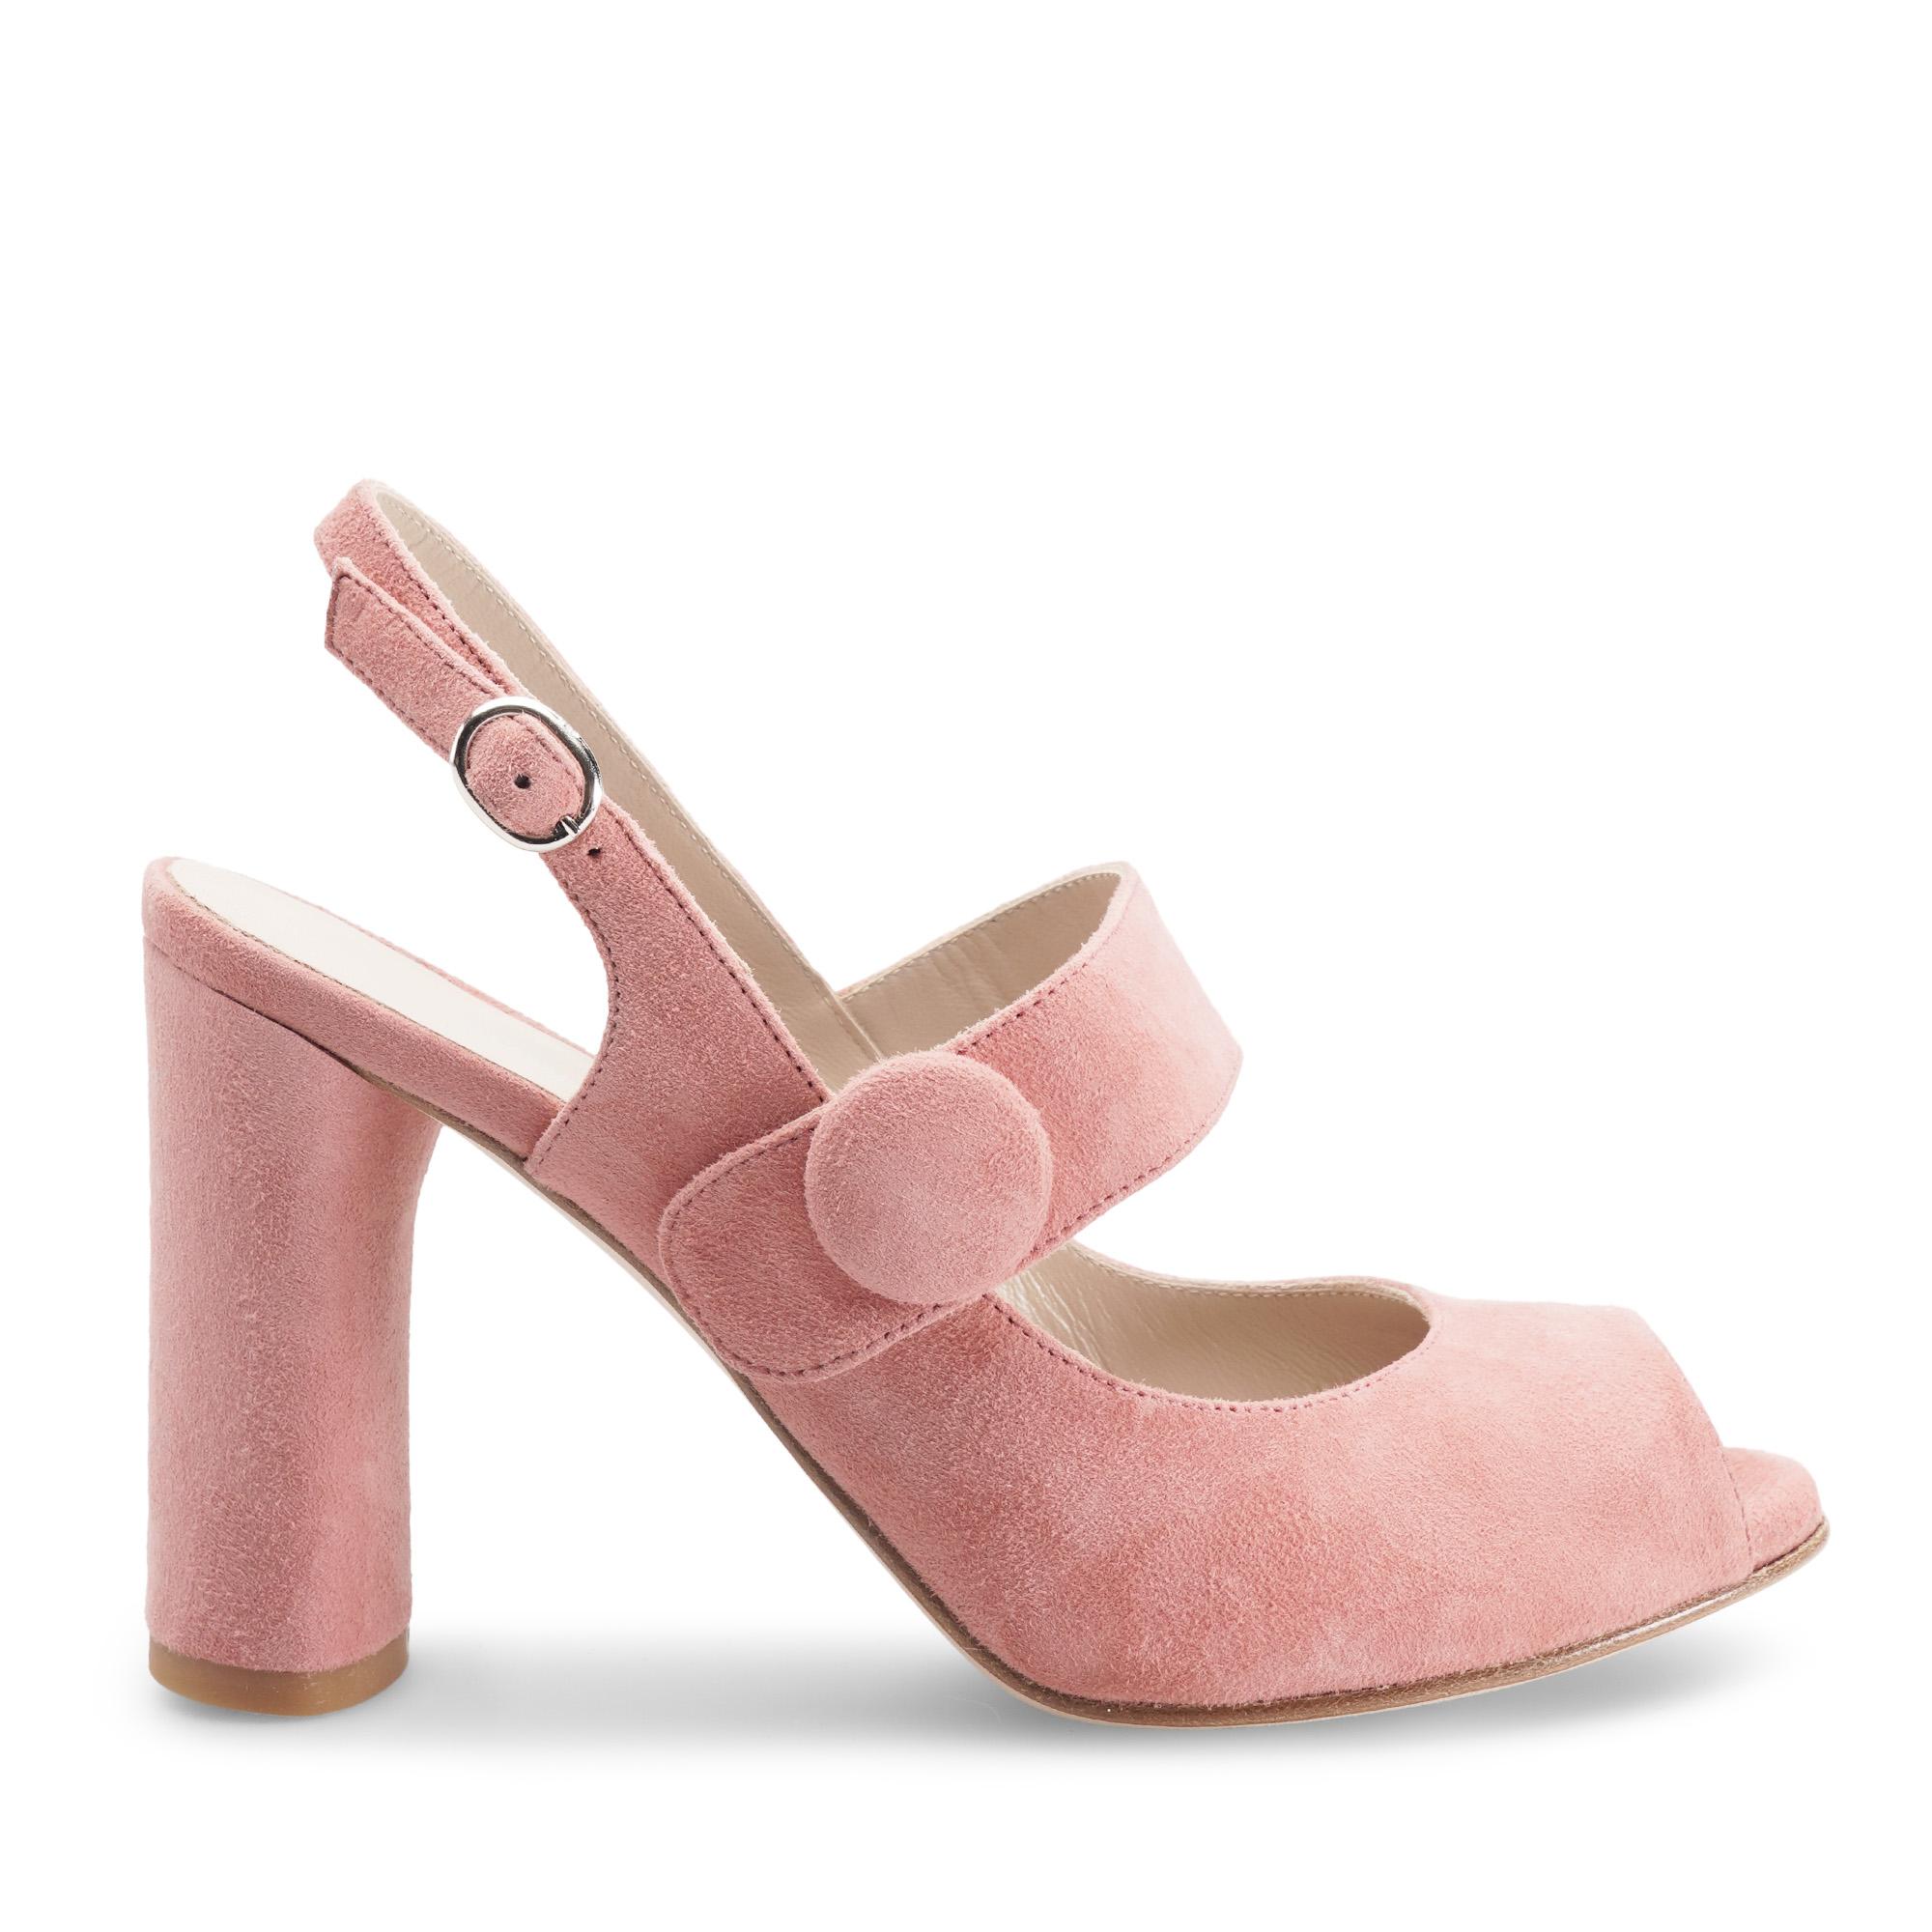 spuntata-chanel-rosa-camoscio-emanuela-passeri-heel-spring-summer-2021